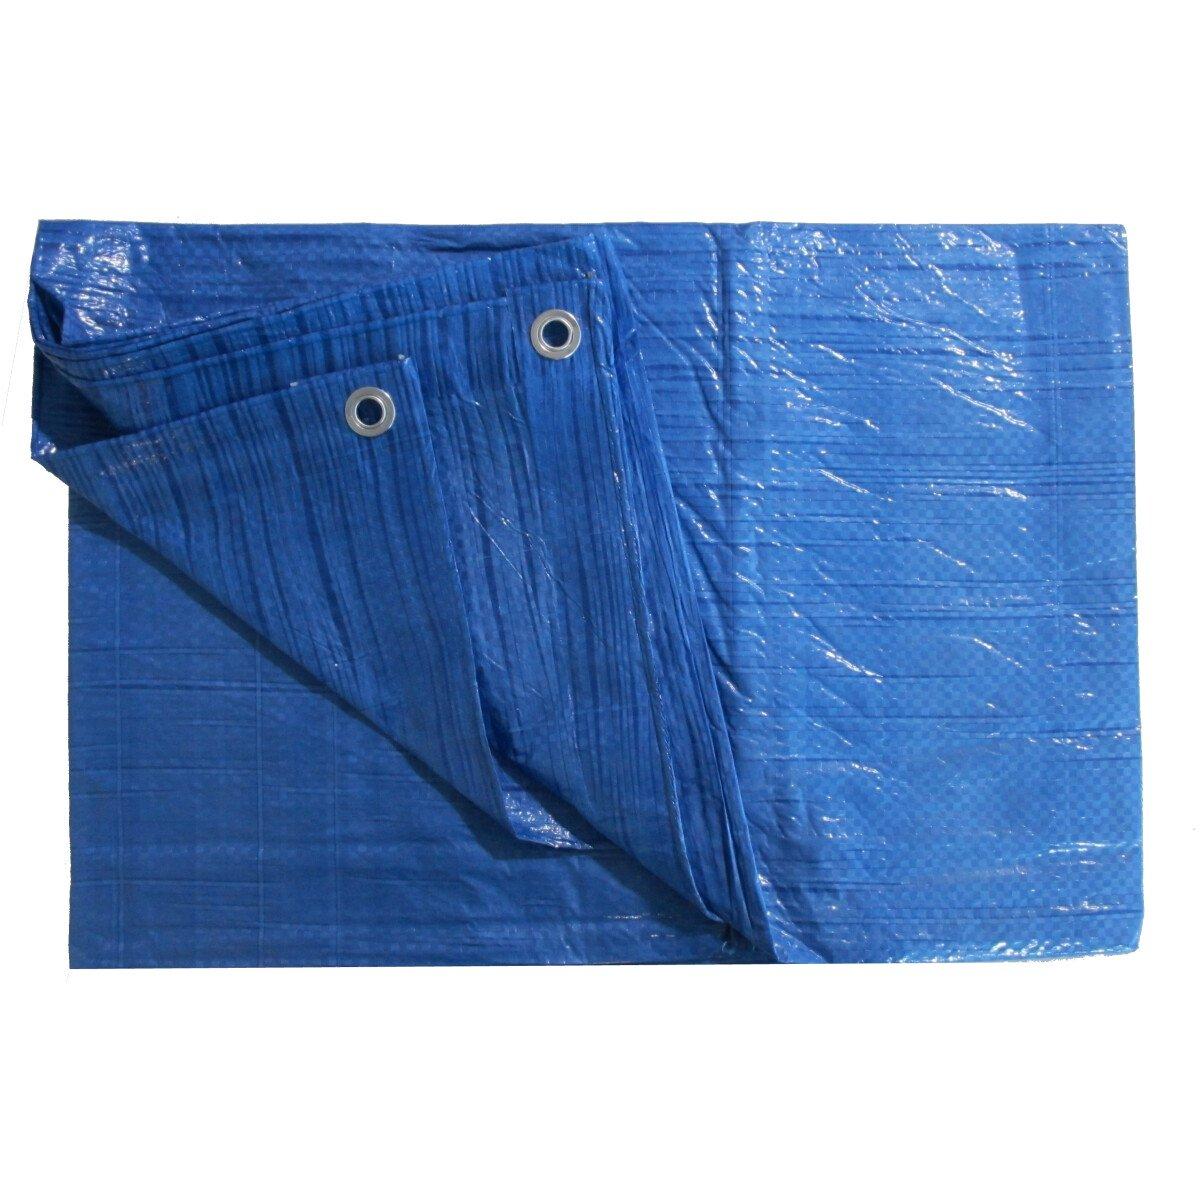 Lawson-HIS 1786 2.7x1.8M (9ft x 6ft) Blue Tarpaulin